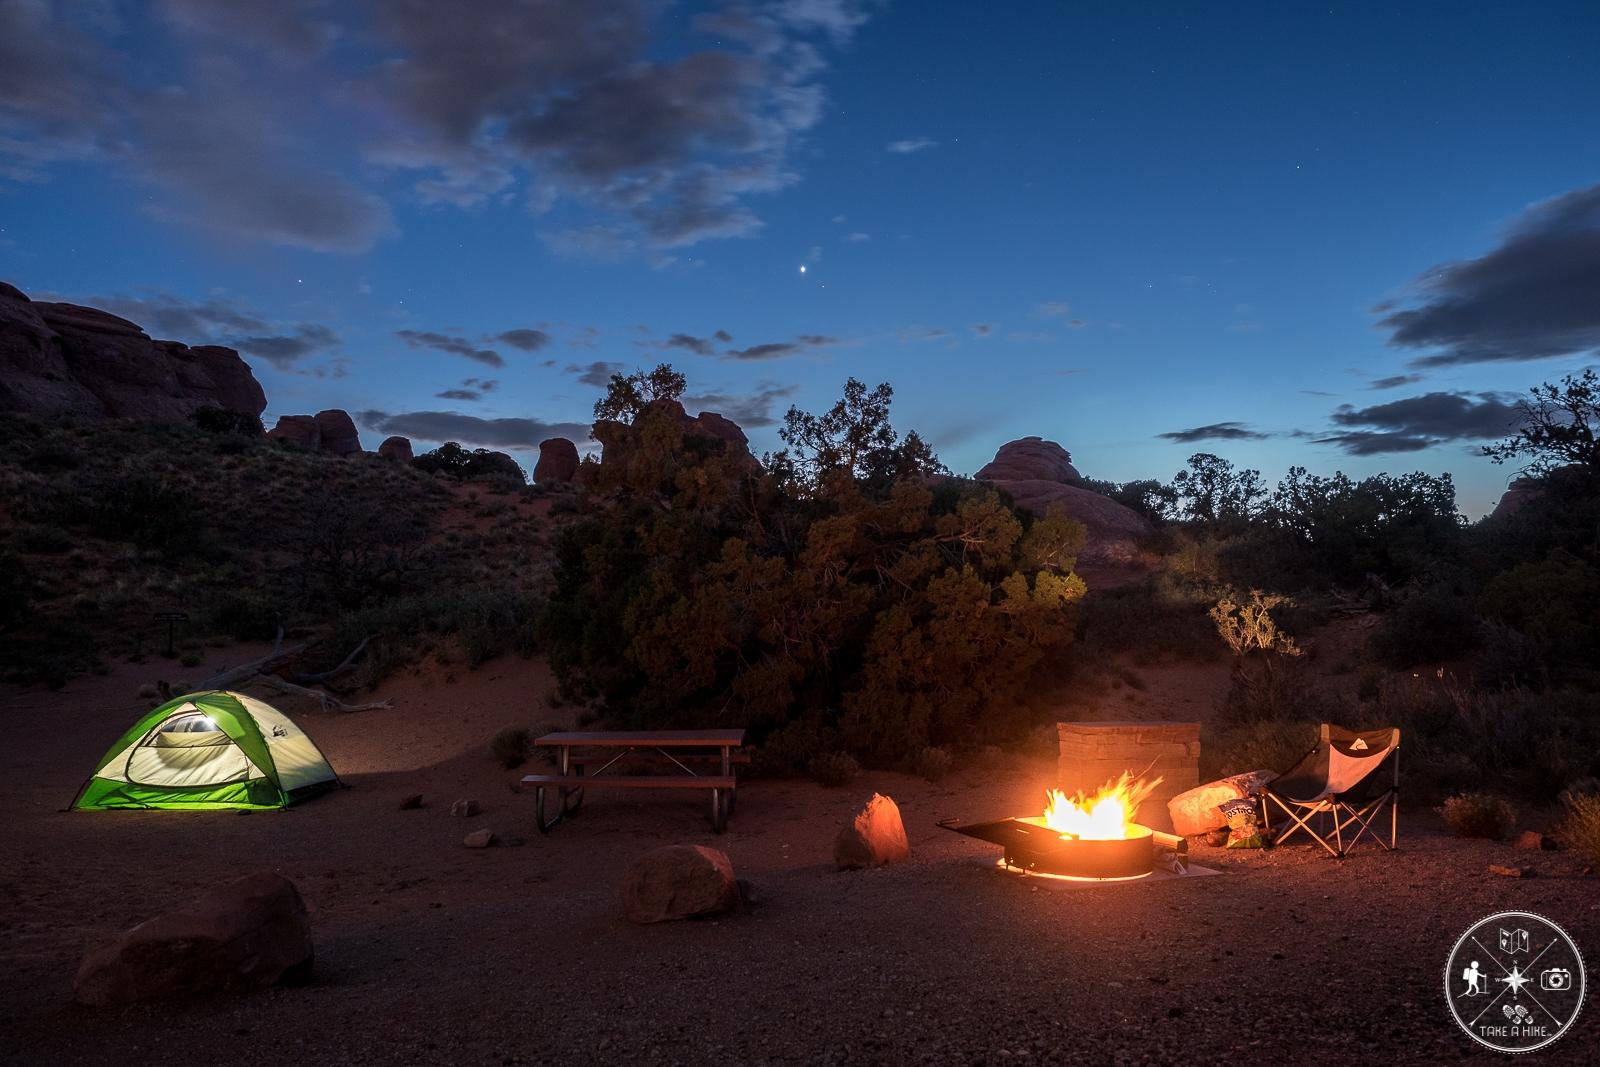 Campsite mit Lagerfeuer